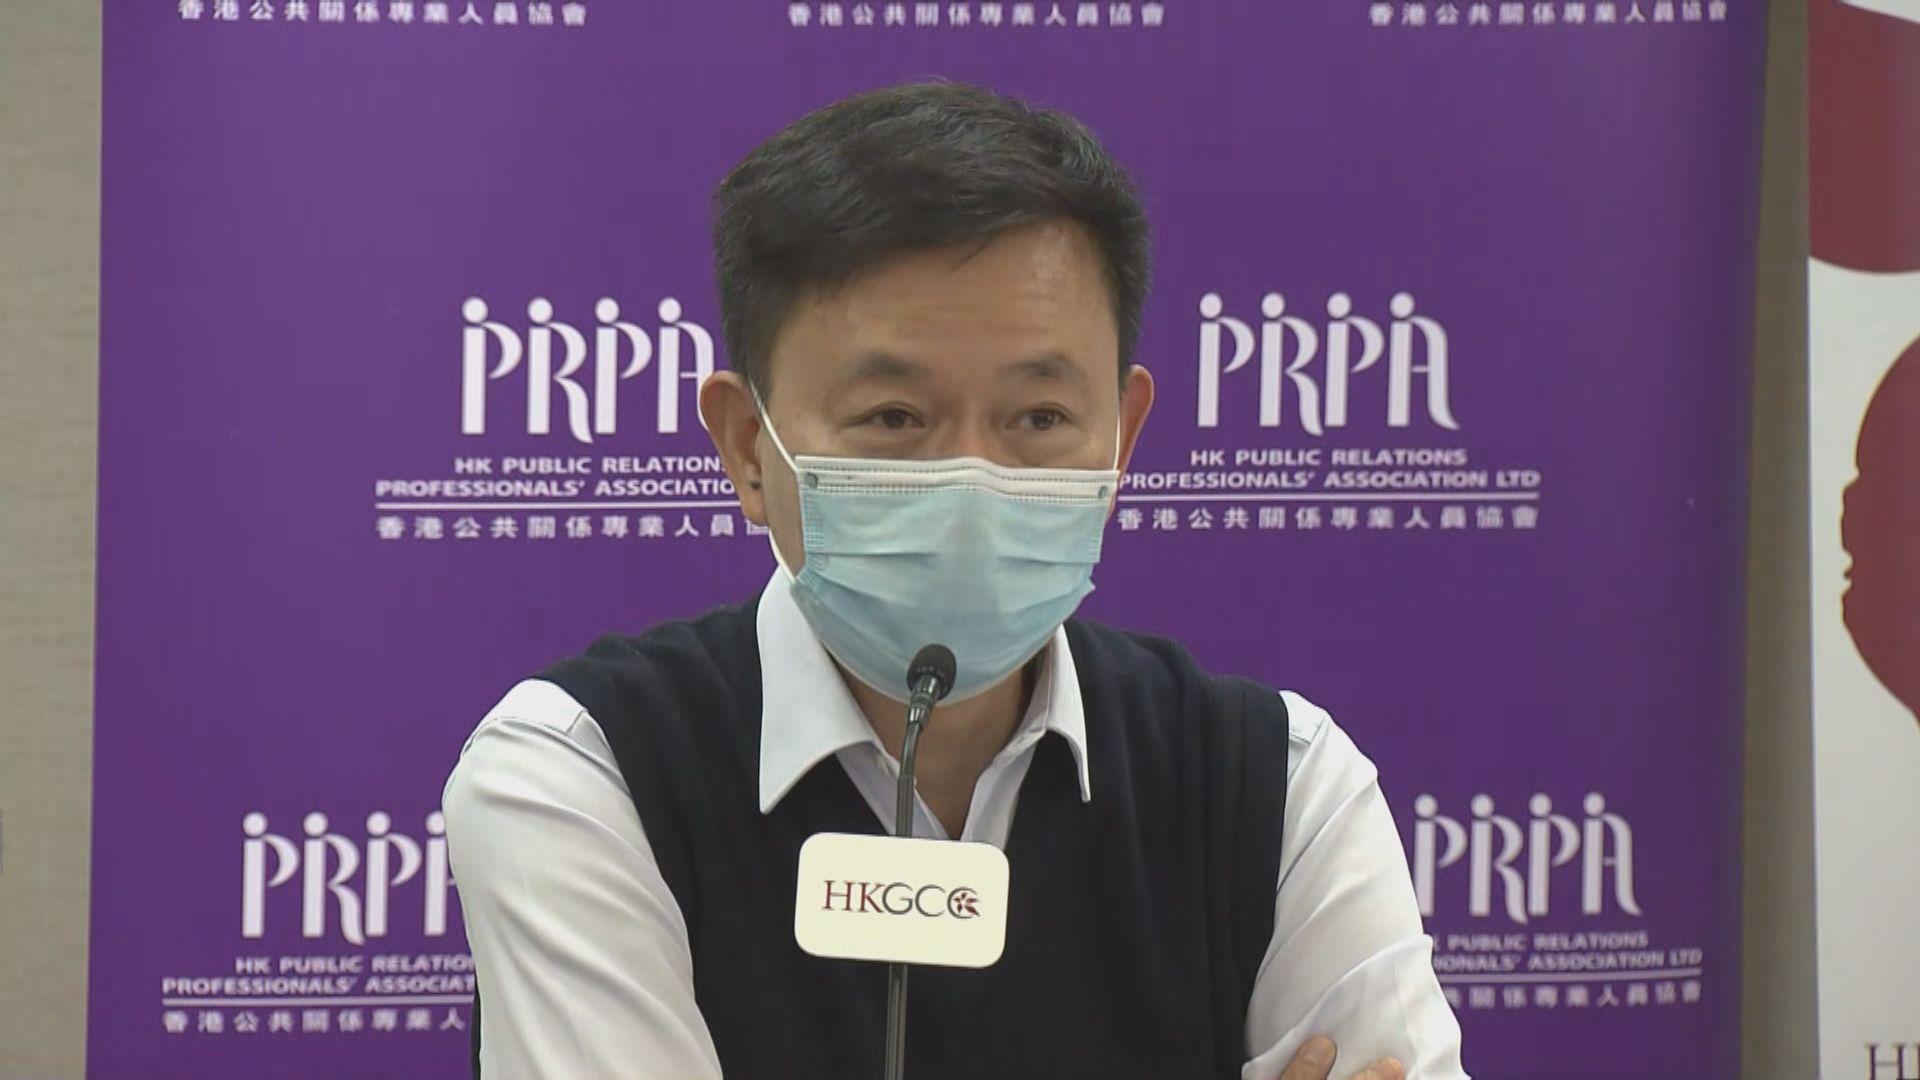 梁栢賢:長者及照顧者可預約同時接種新冠疫苗